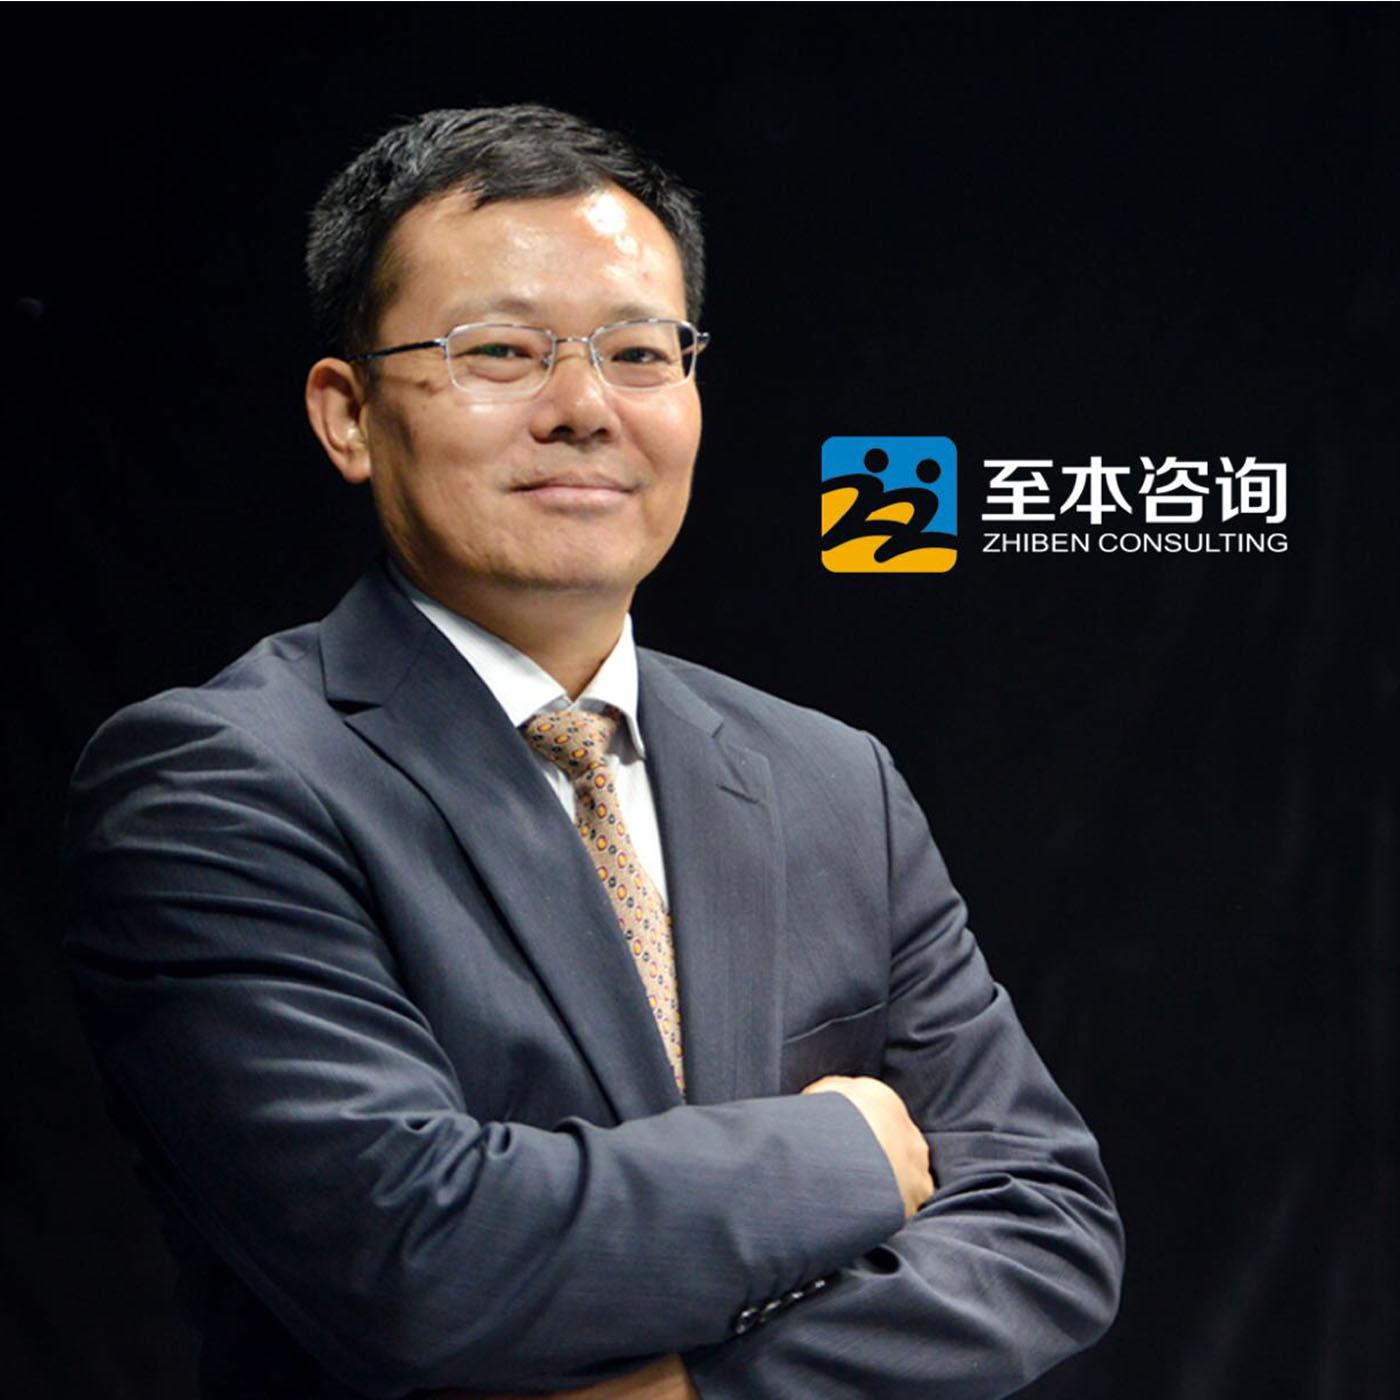 邱清荣:合伙人制顶层设计